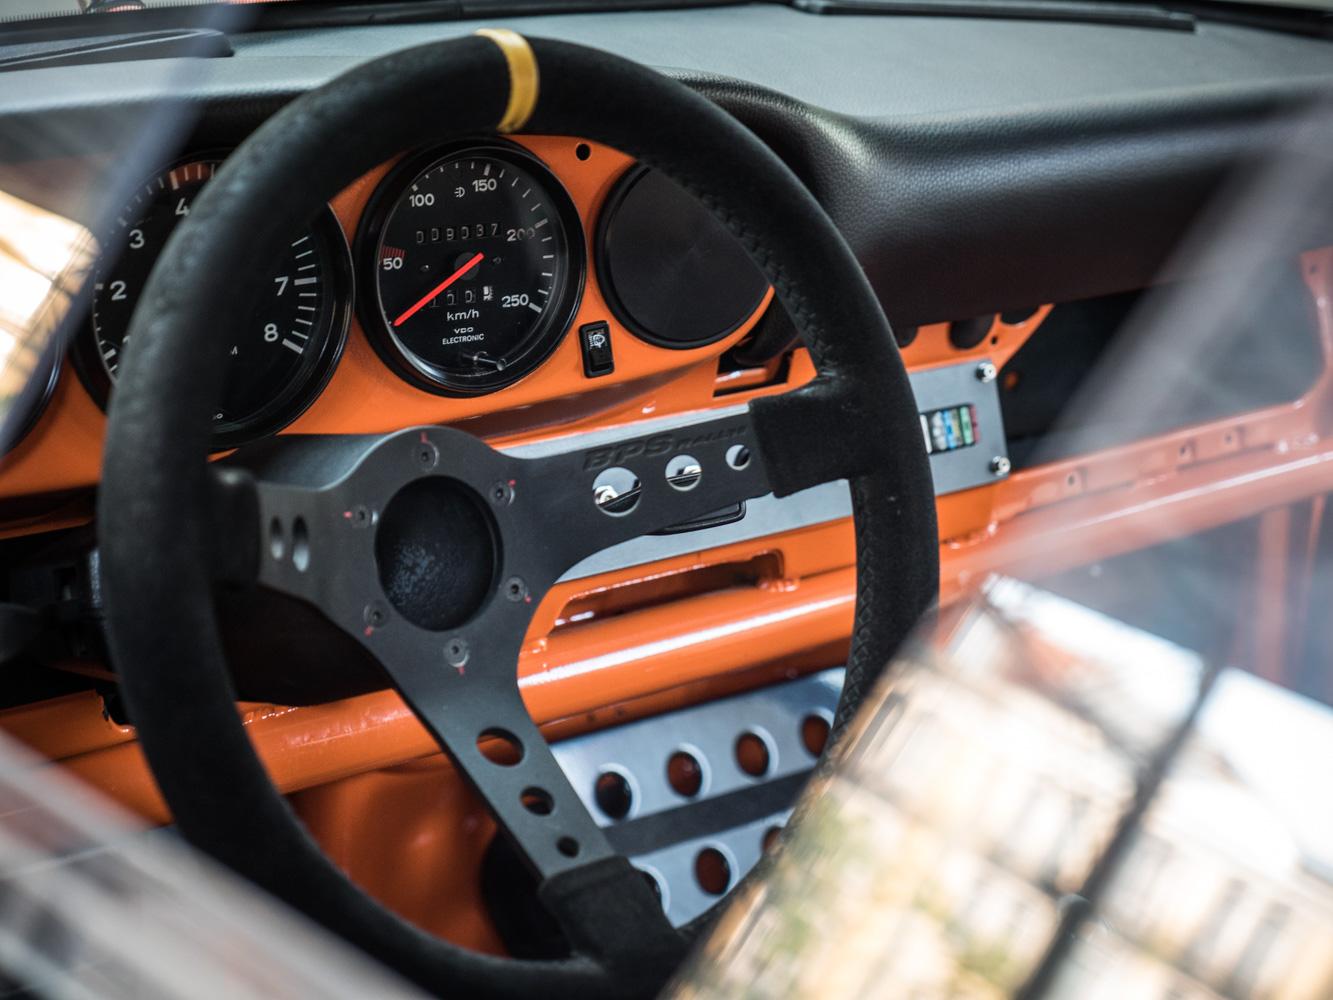 1969 Porsche 911 Carrera - 44.jpg.jpg